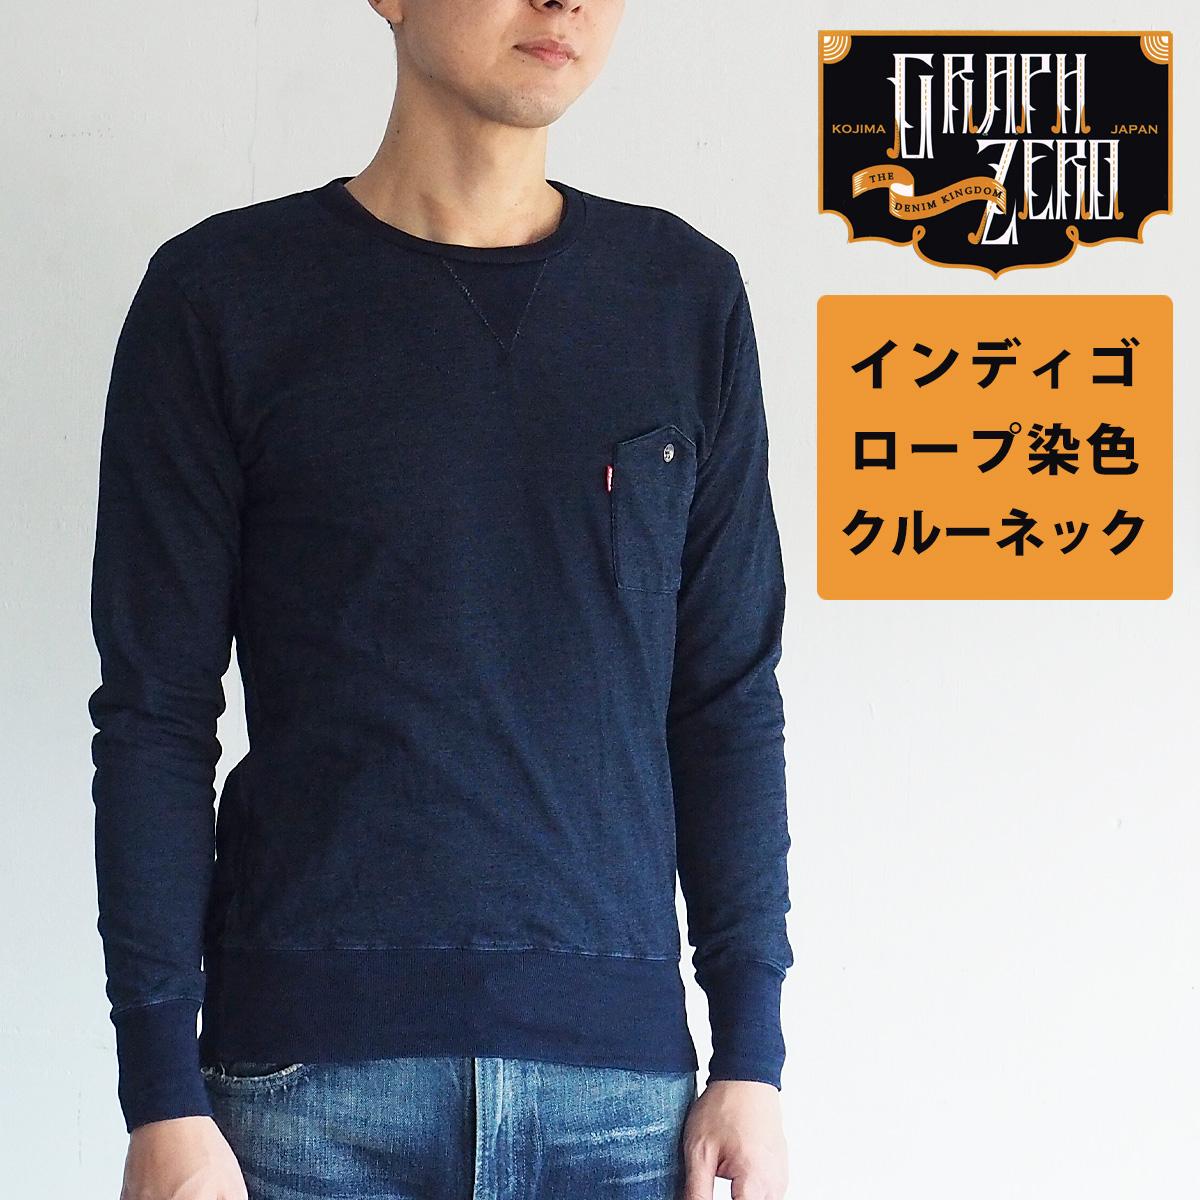 graphzero(グラフゼロ) インディゴロープ染色 山ポケット クルーネックTシャツ 長袖 メンズ [GZ-IDTCL-0110-MENS]